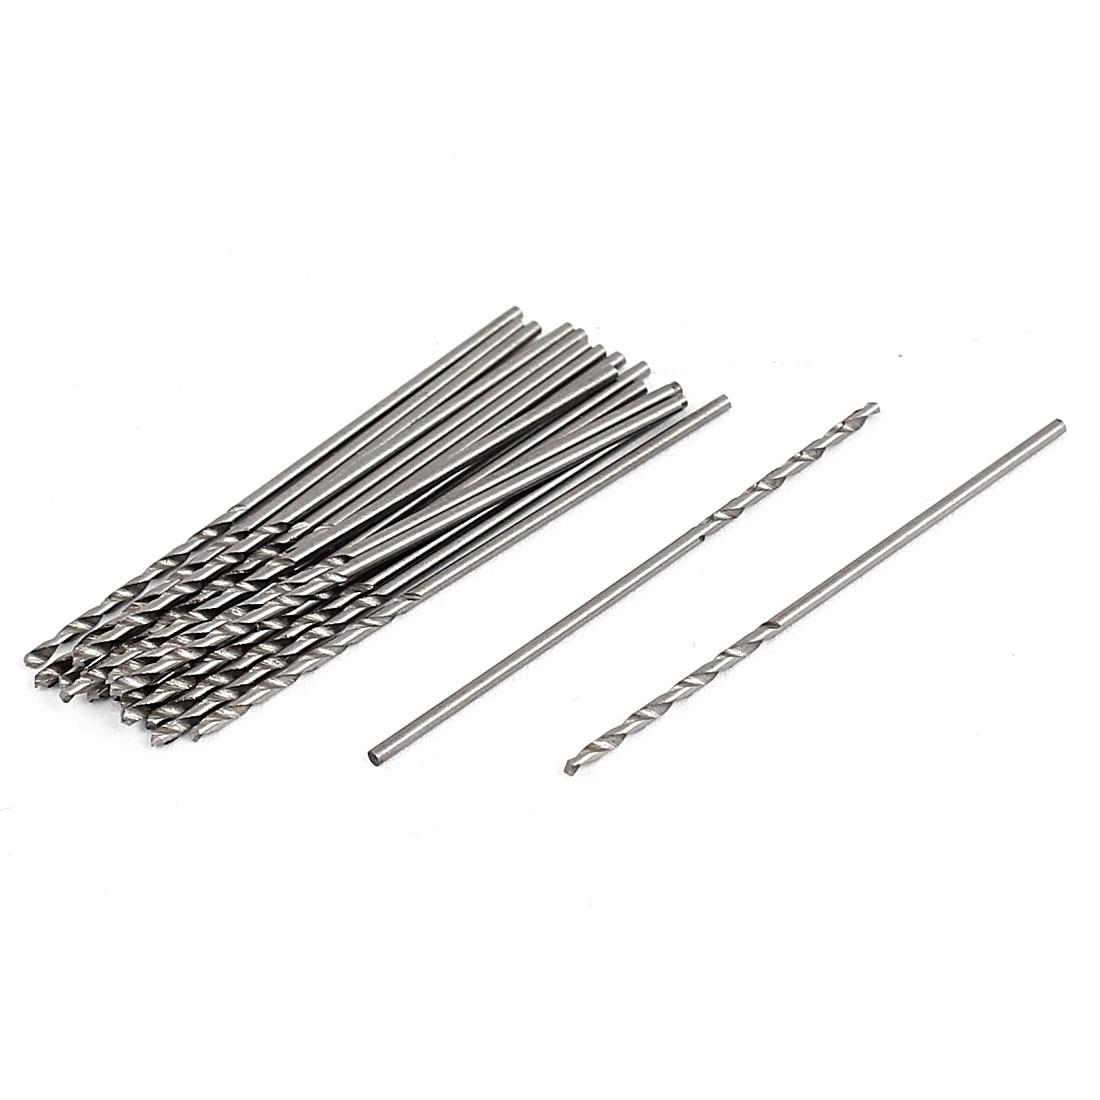 1mm Cutting Diameter HSS Straight Shank Woodworking Twist Drill Bit 20 Pcs